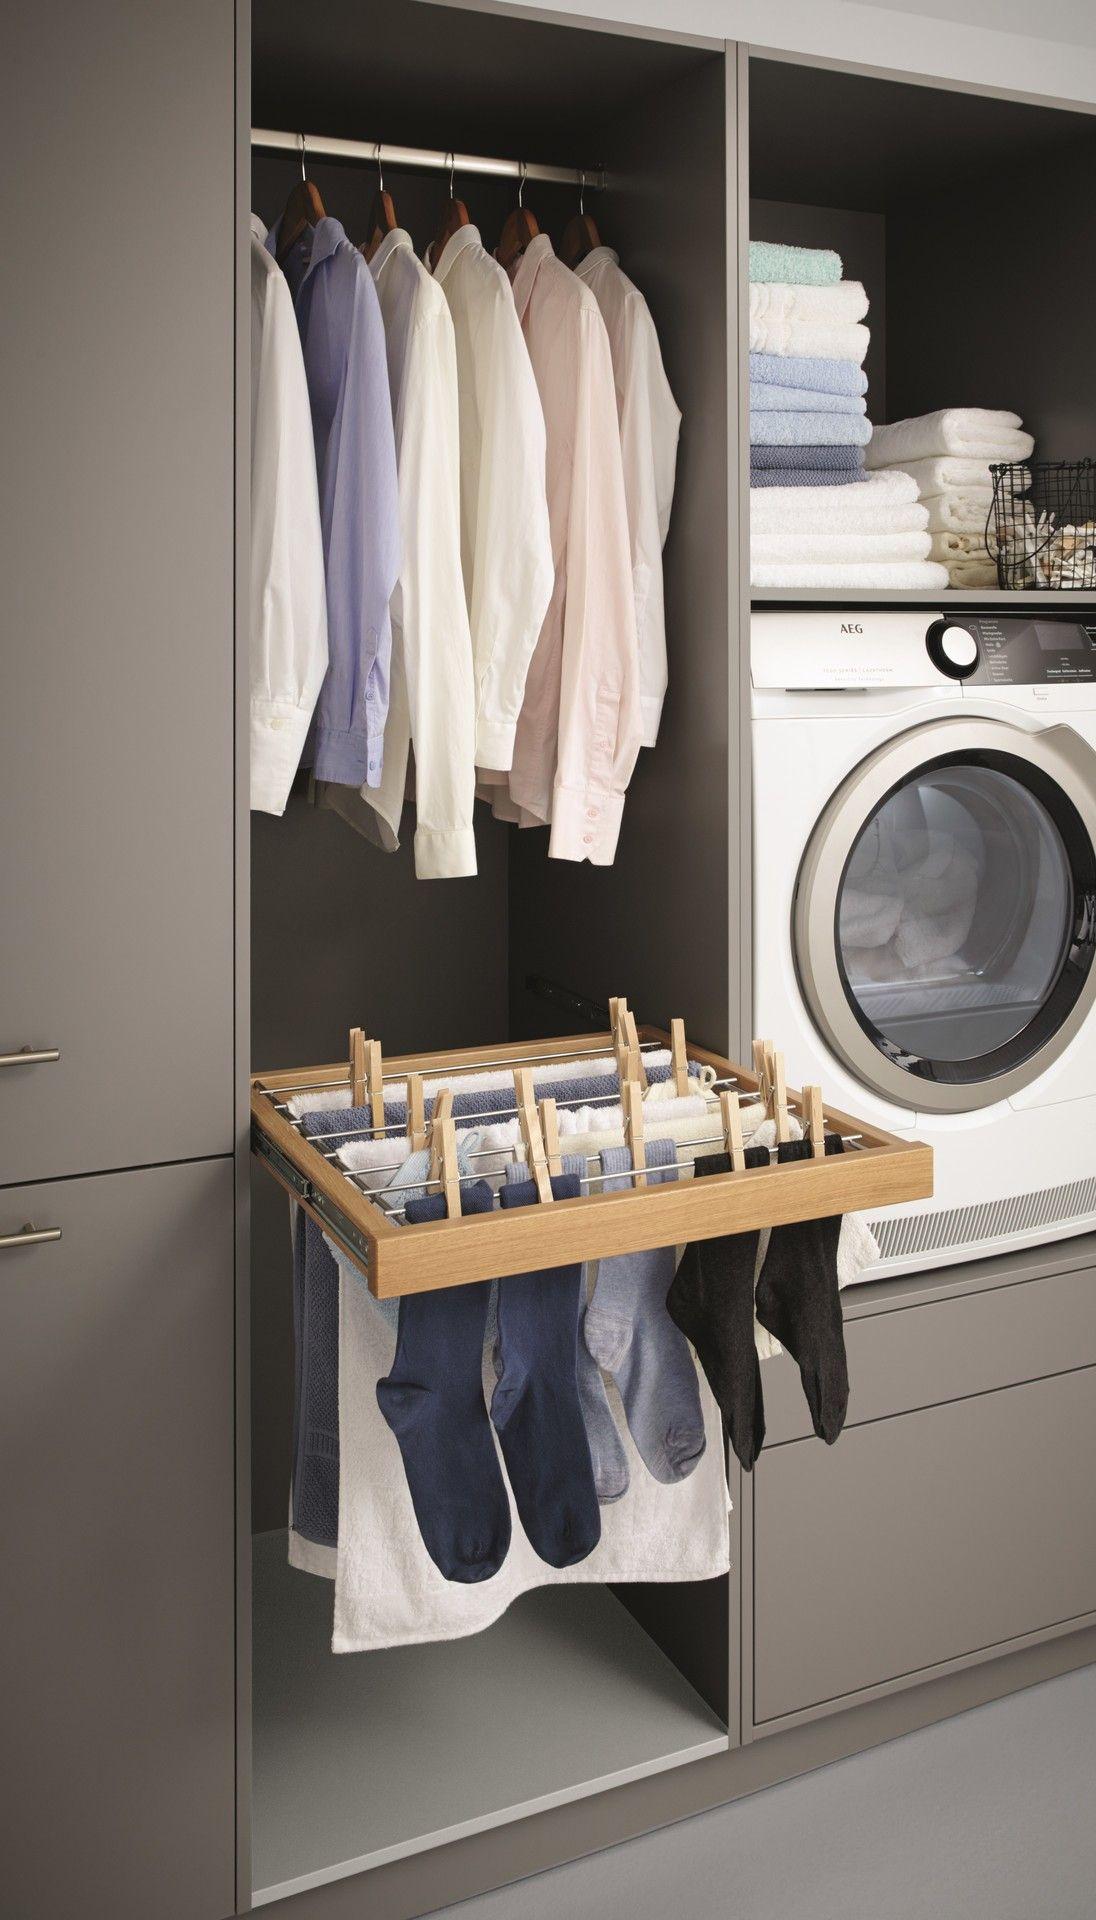 Hauswirtschaftsraum Bewusst Kochen Europamoebel At In 2020 Hauswirtschaftsraum Waschkuche Aufraumen Waschkuchendesign